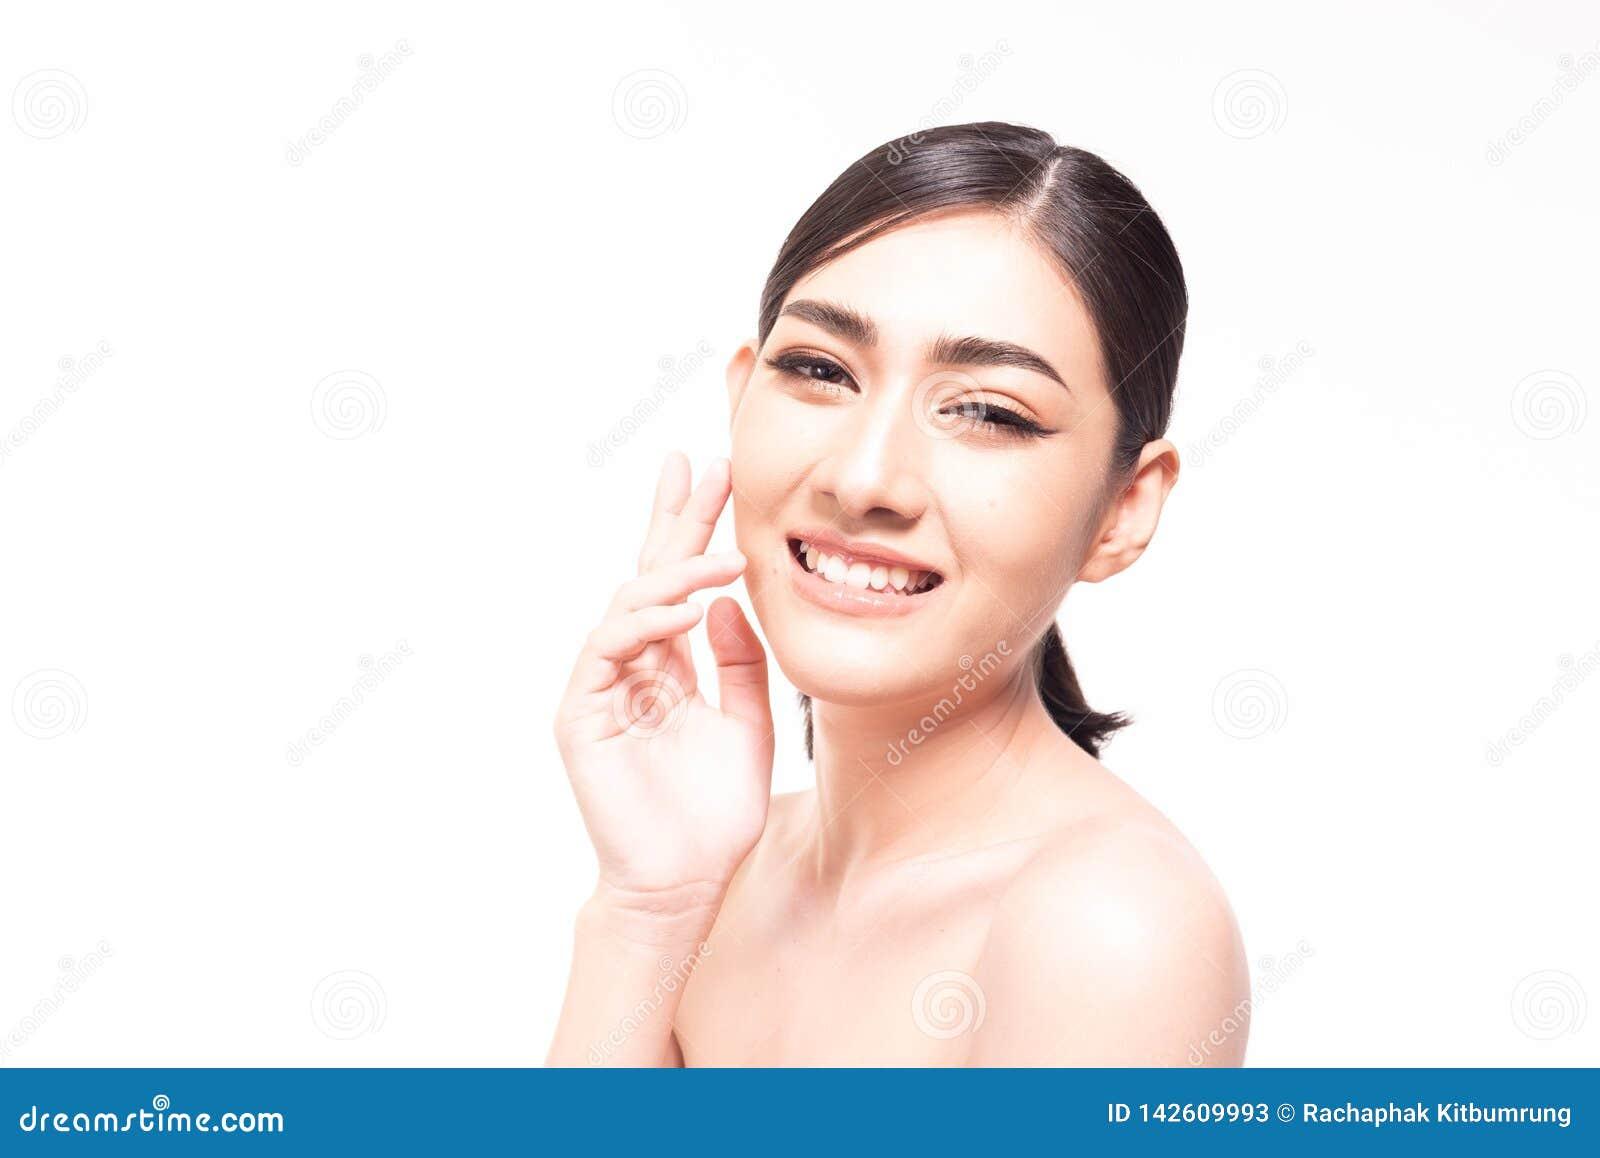 Schöne junge Asiatin mit klarer neuer Hautnote ihr eigenes Gesicht Gesichtsbehandlung, Hautreiniger, Cosmetology, Schönheit und